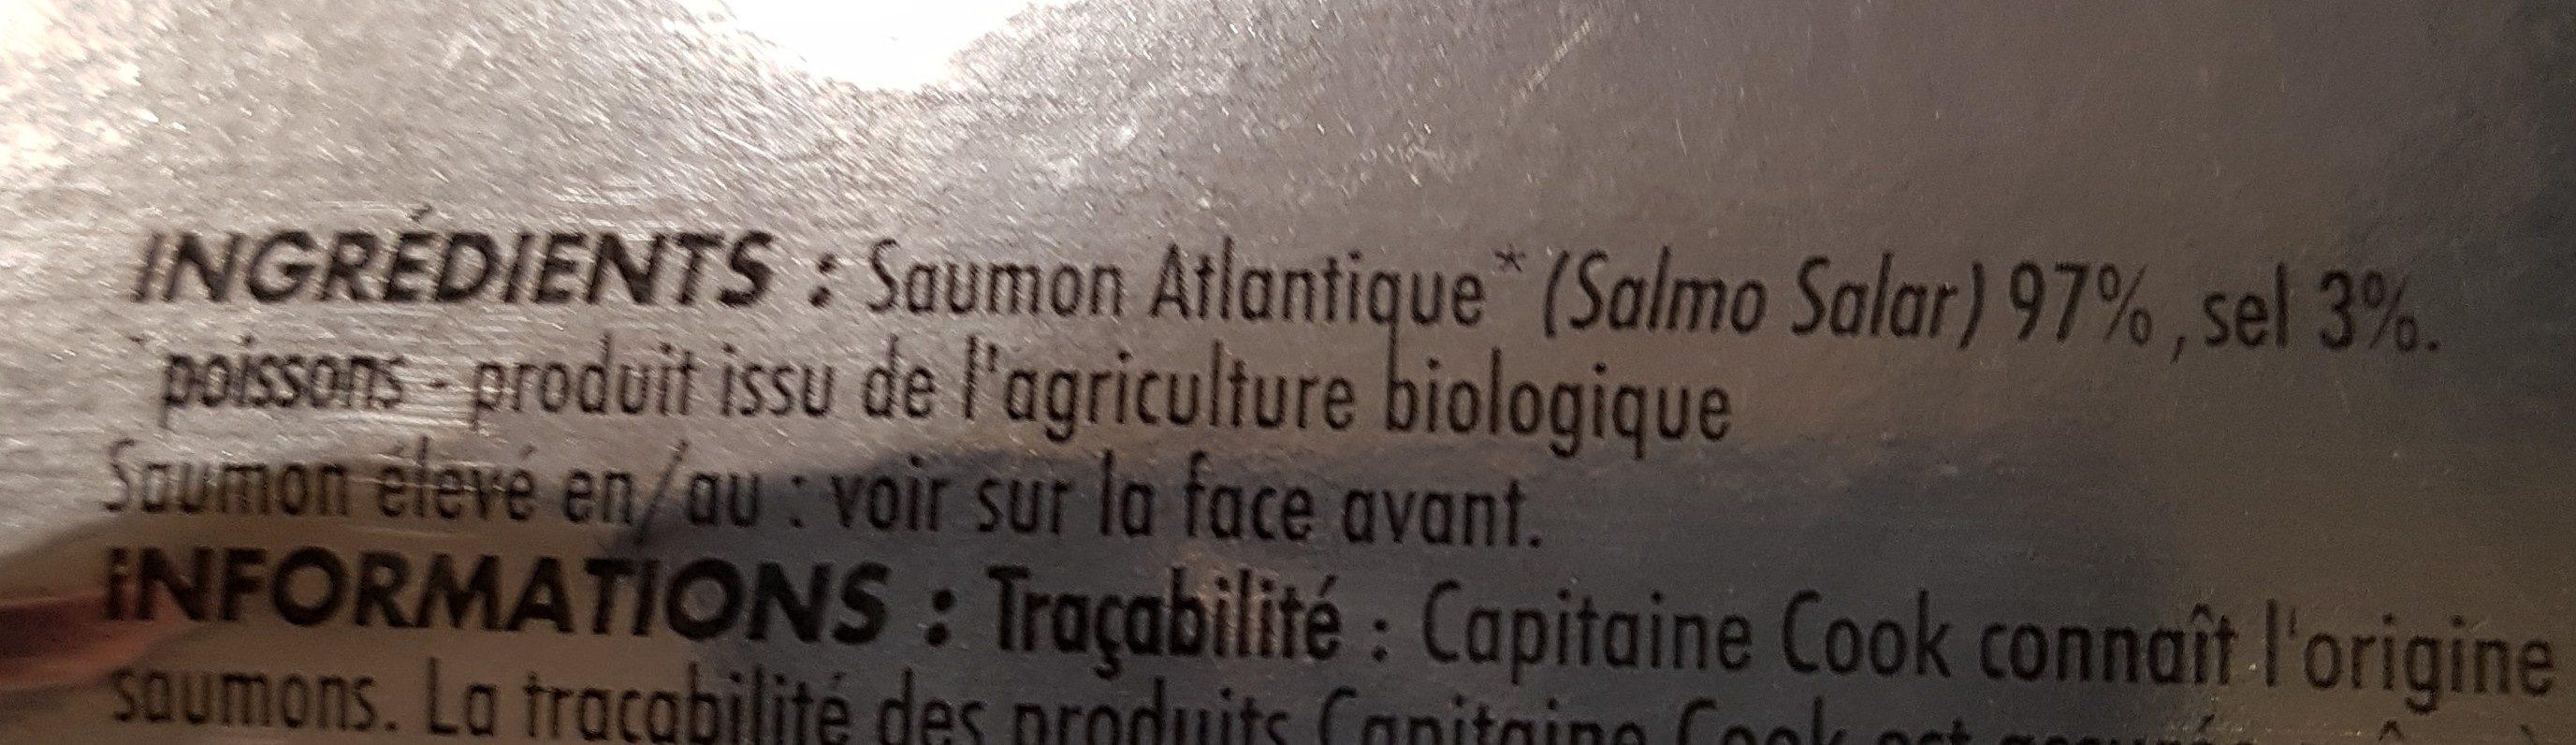 Saumon Atlantique Fumé - Ingrédients - fr